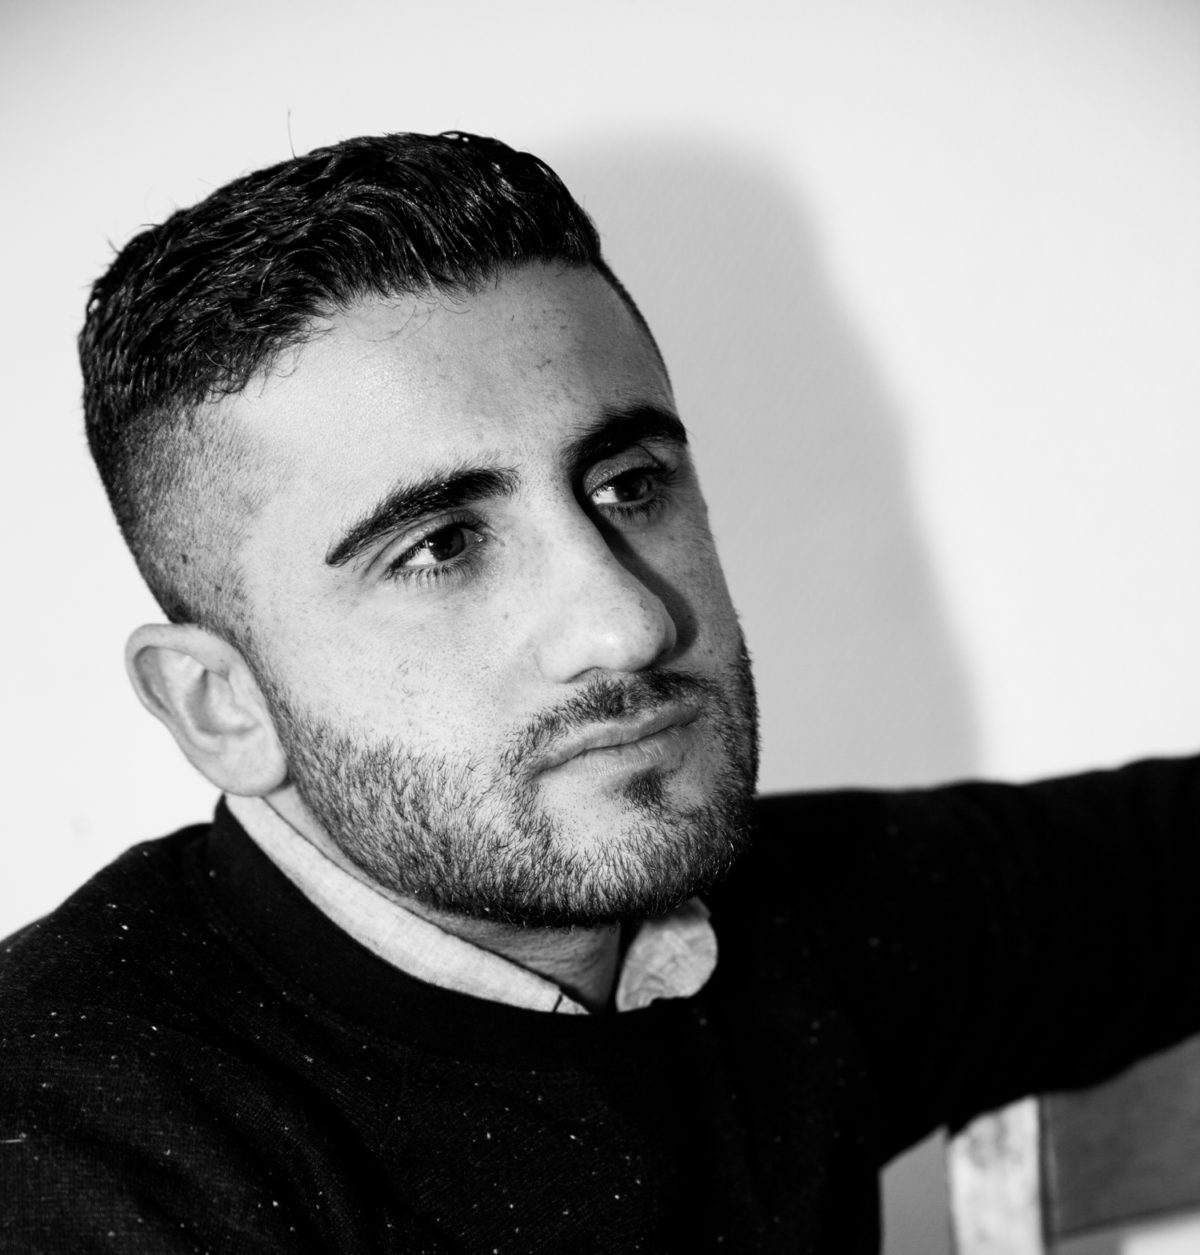 INTERVJU: Rami Al-Khamisi använder juridiken för att minska orättvisor i samhället